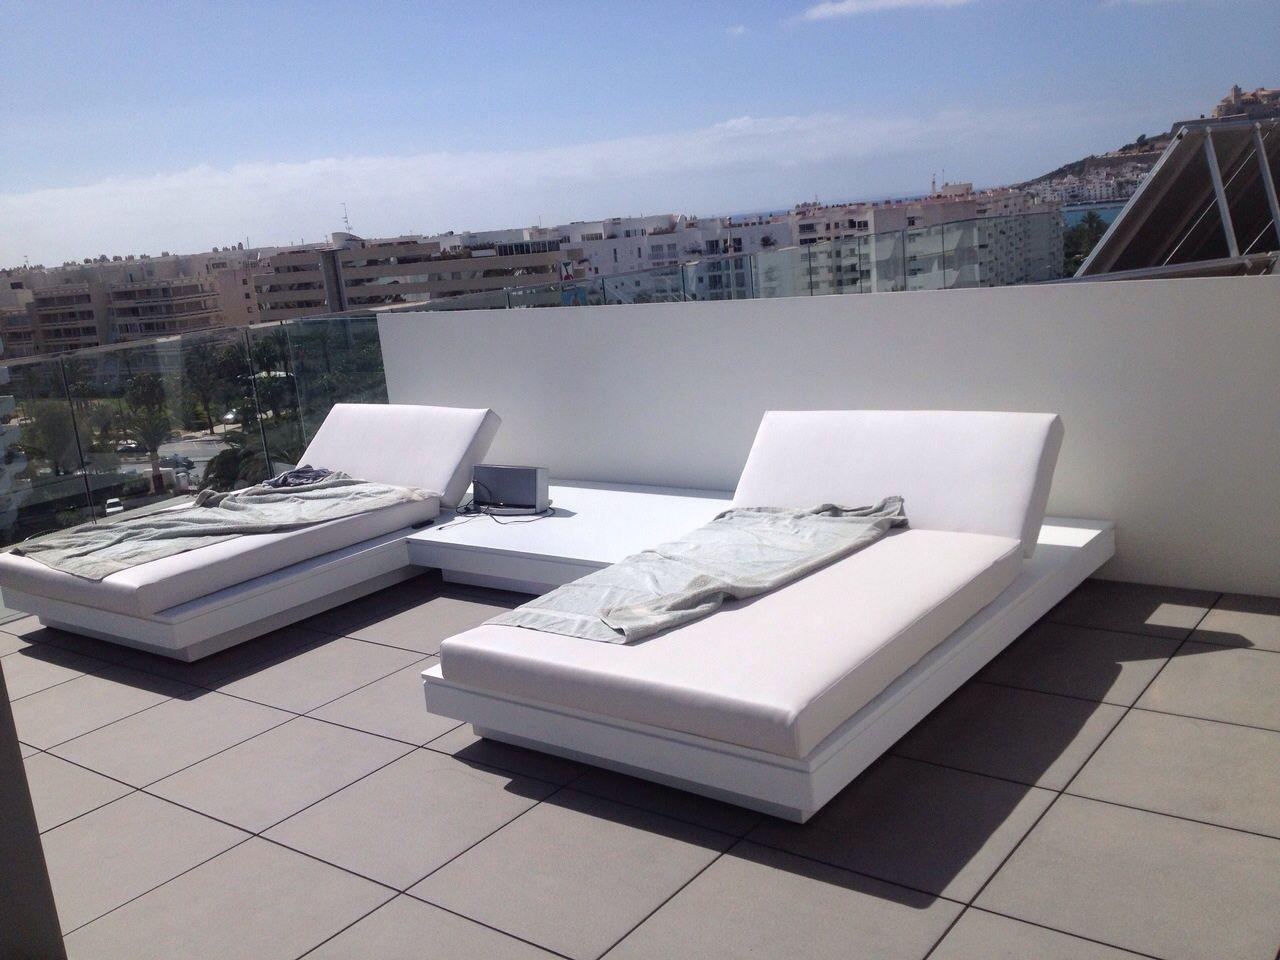 Camas Chill Out.Muebles de terraza metálicos lacados con pintura al ...